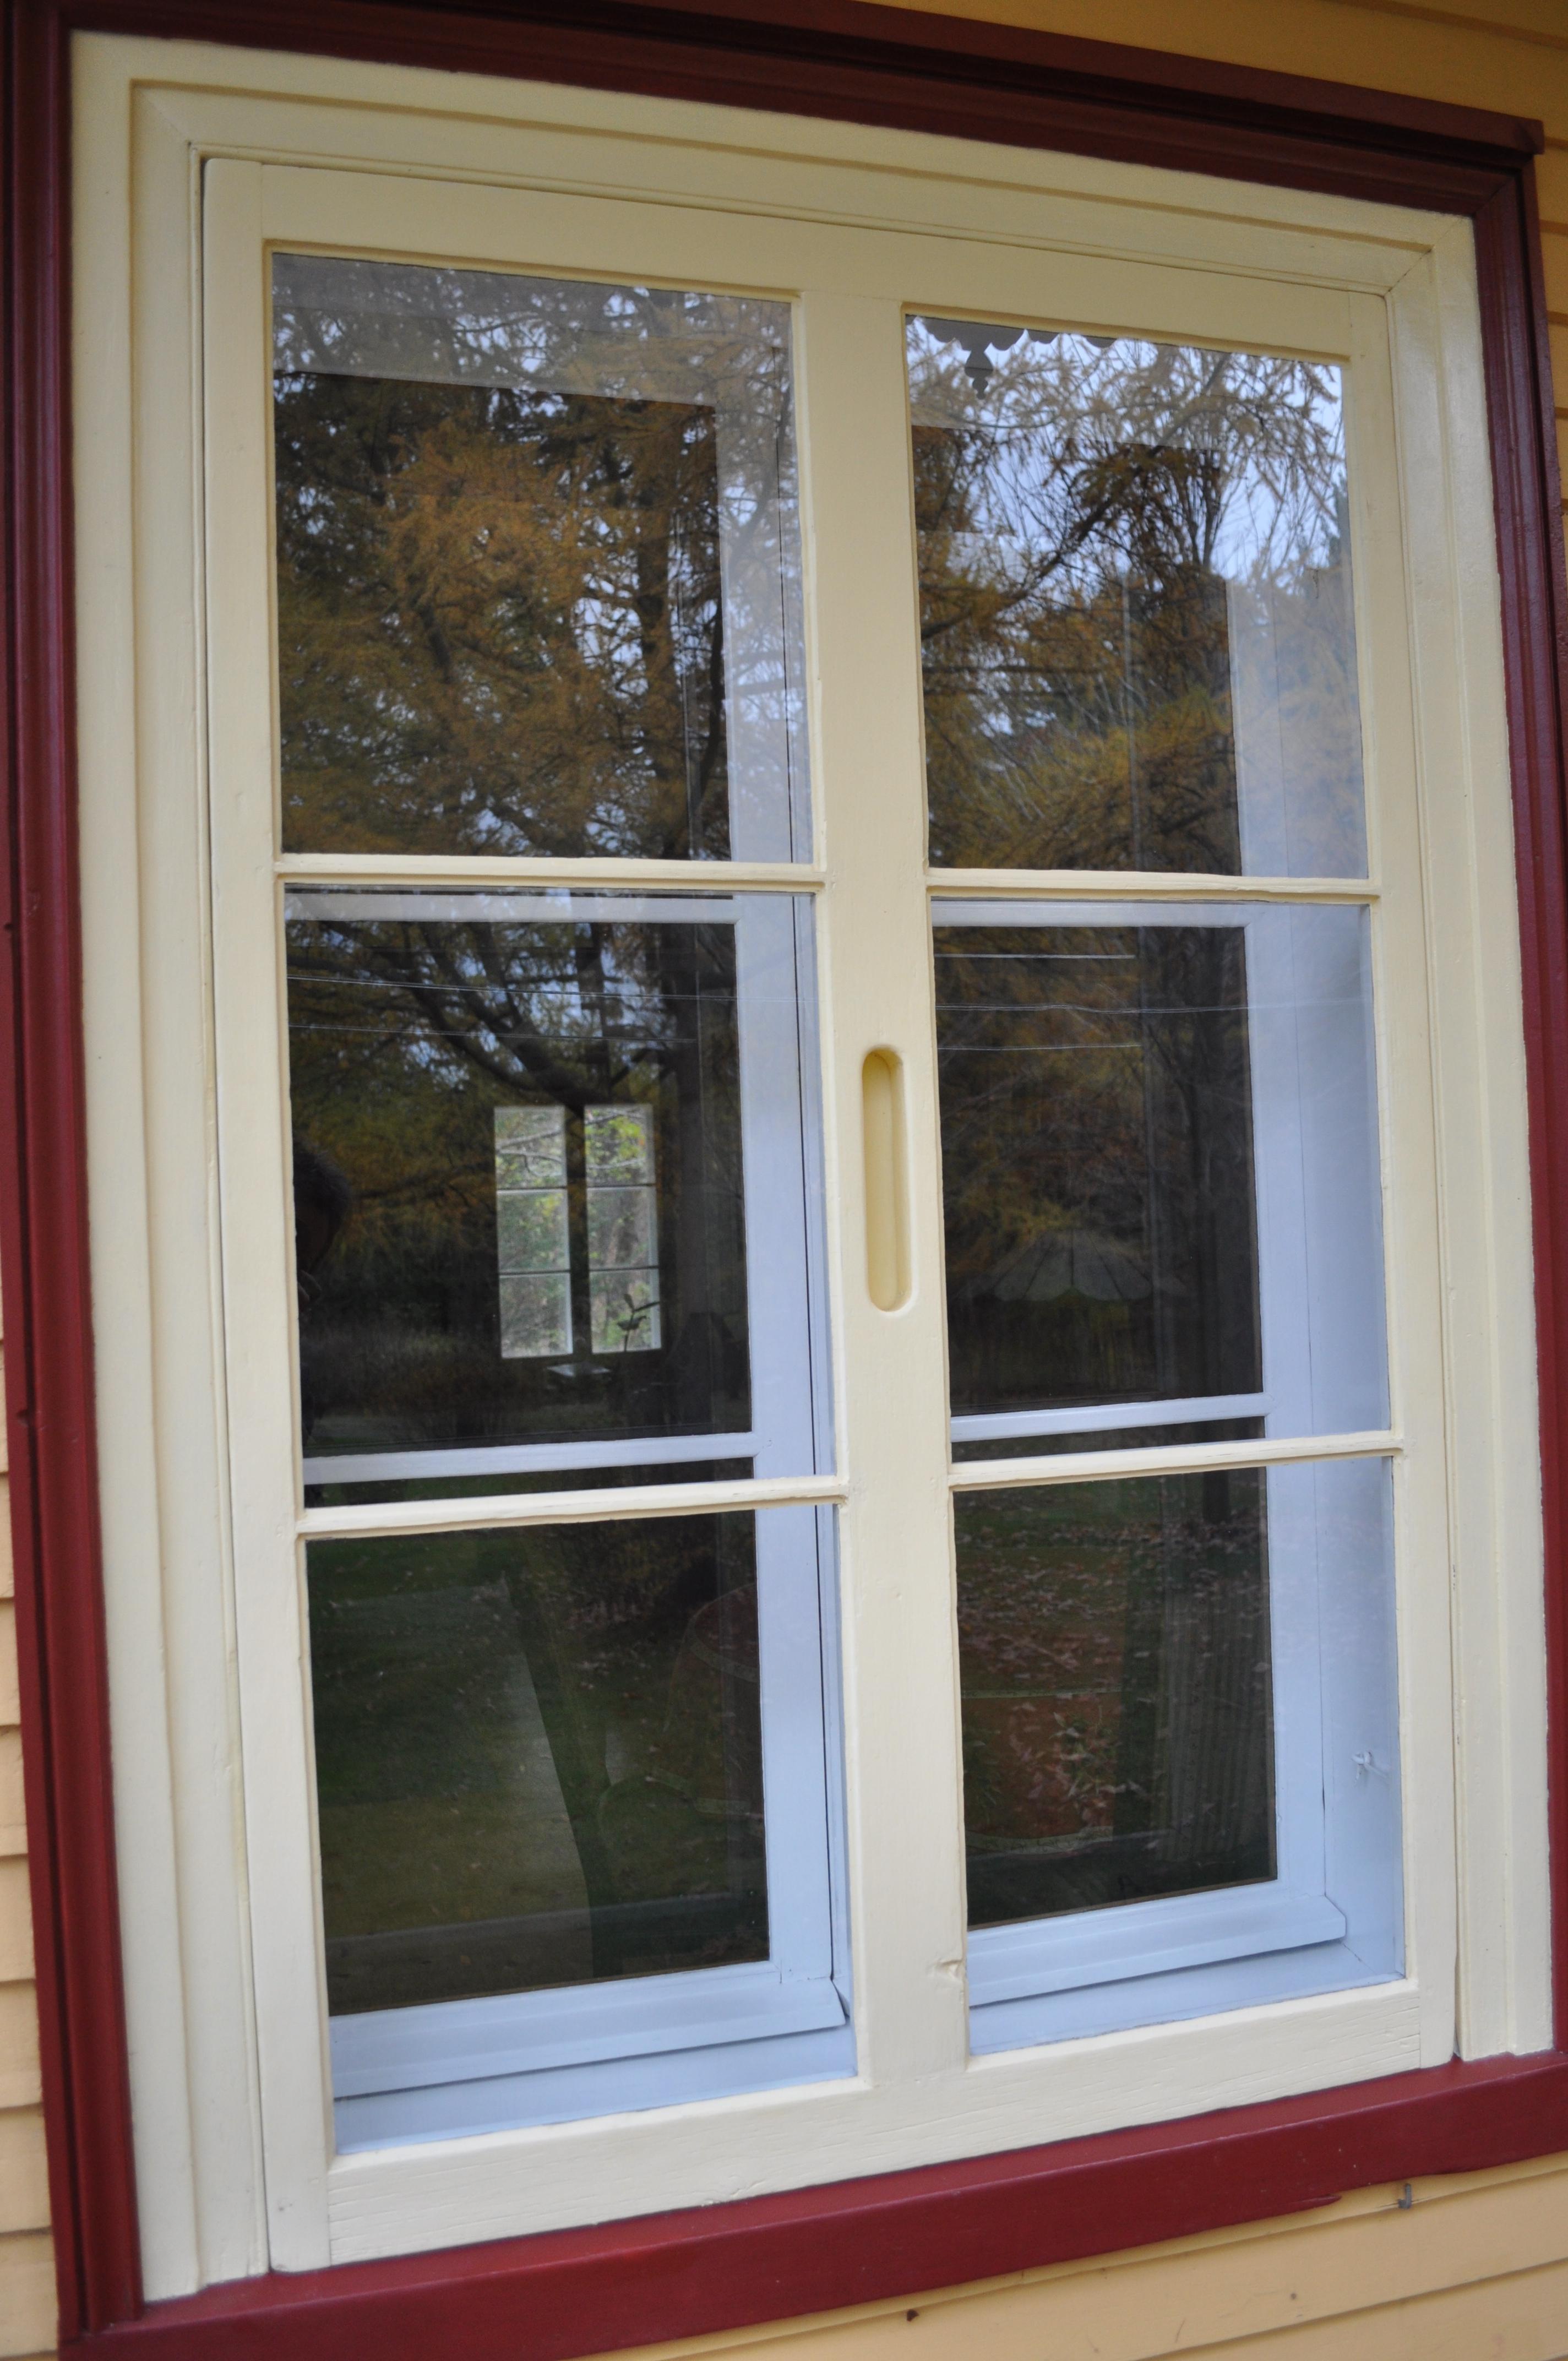 Fenêtre avec châssis intérieurs et contre-fenêtre datant d'environ 1850 © Clément Locat